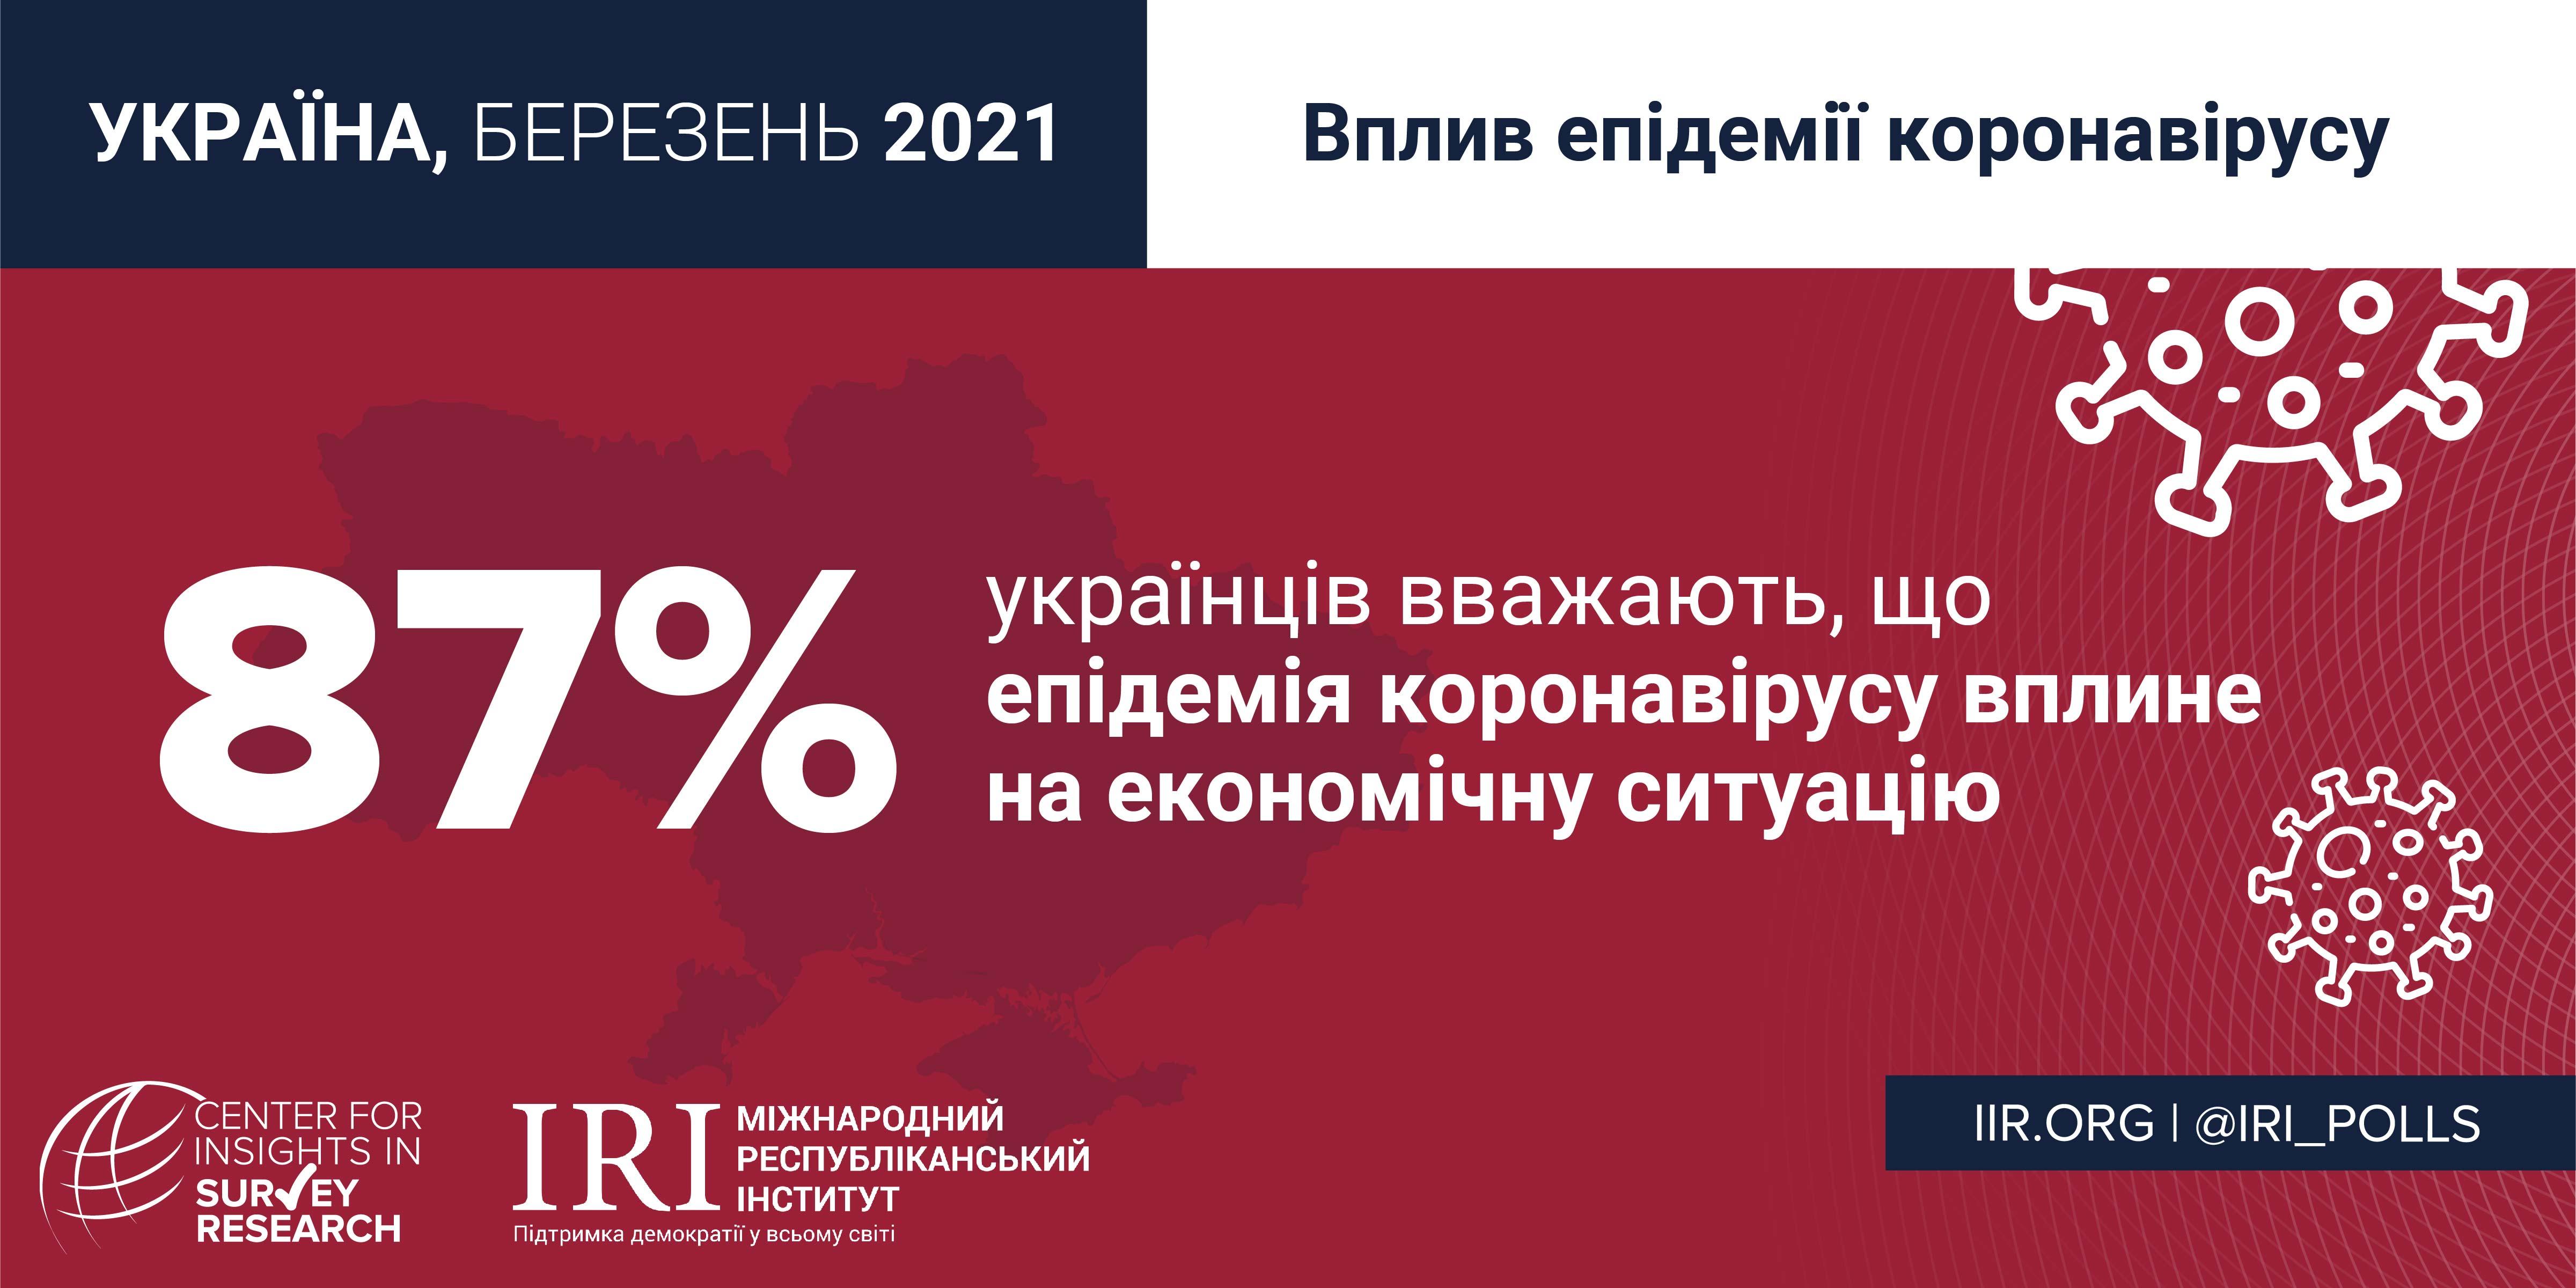 Україна 2021_МРІ_Вплив епідемії